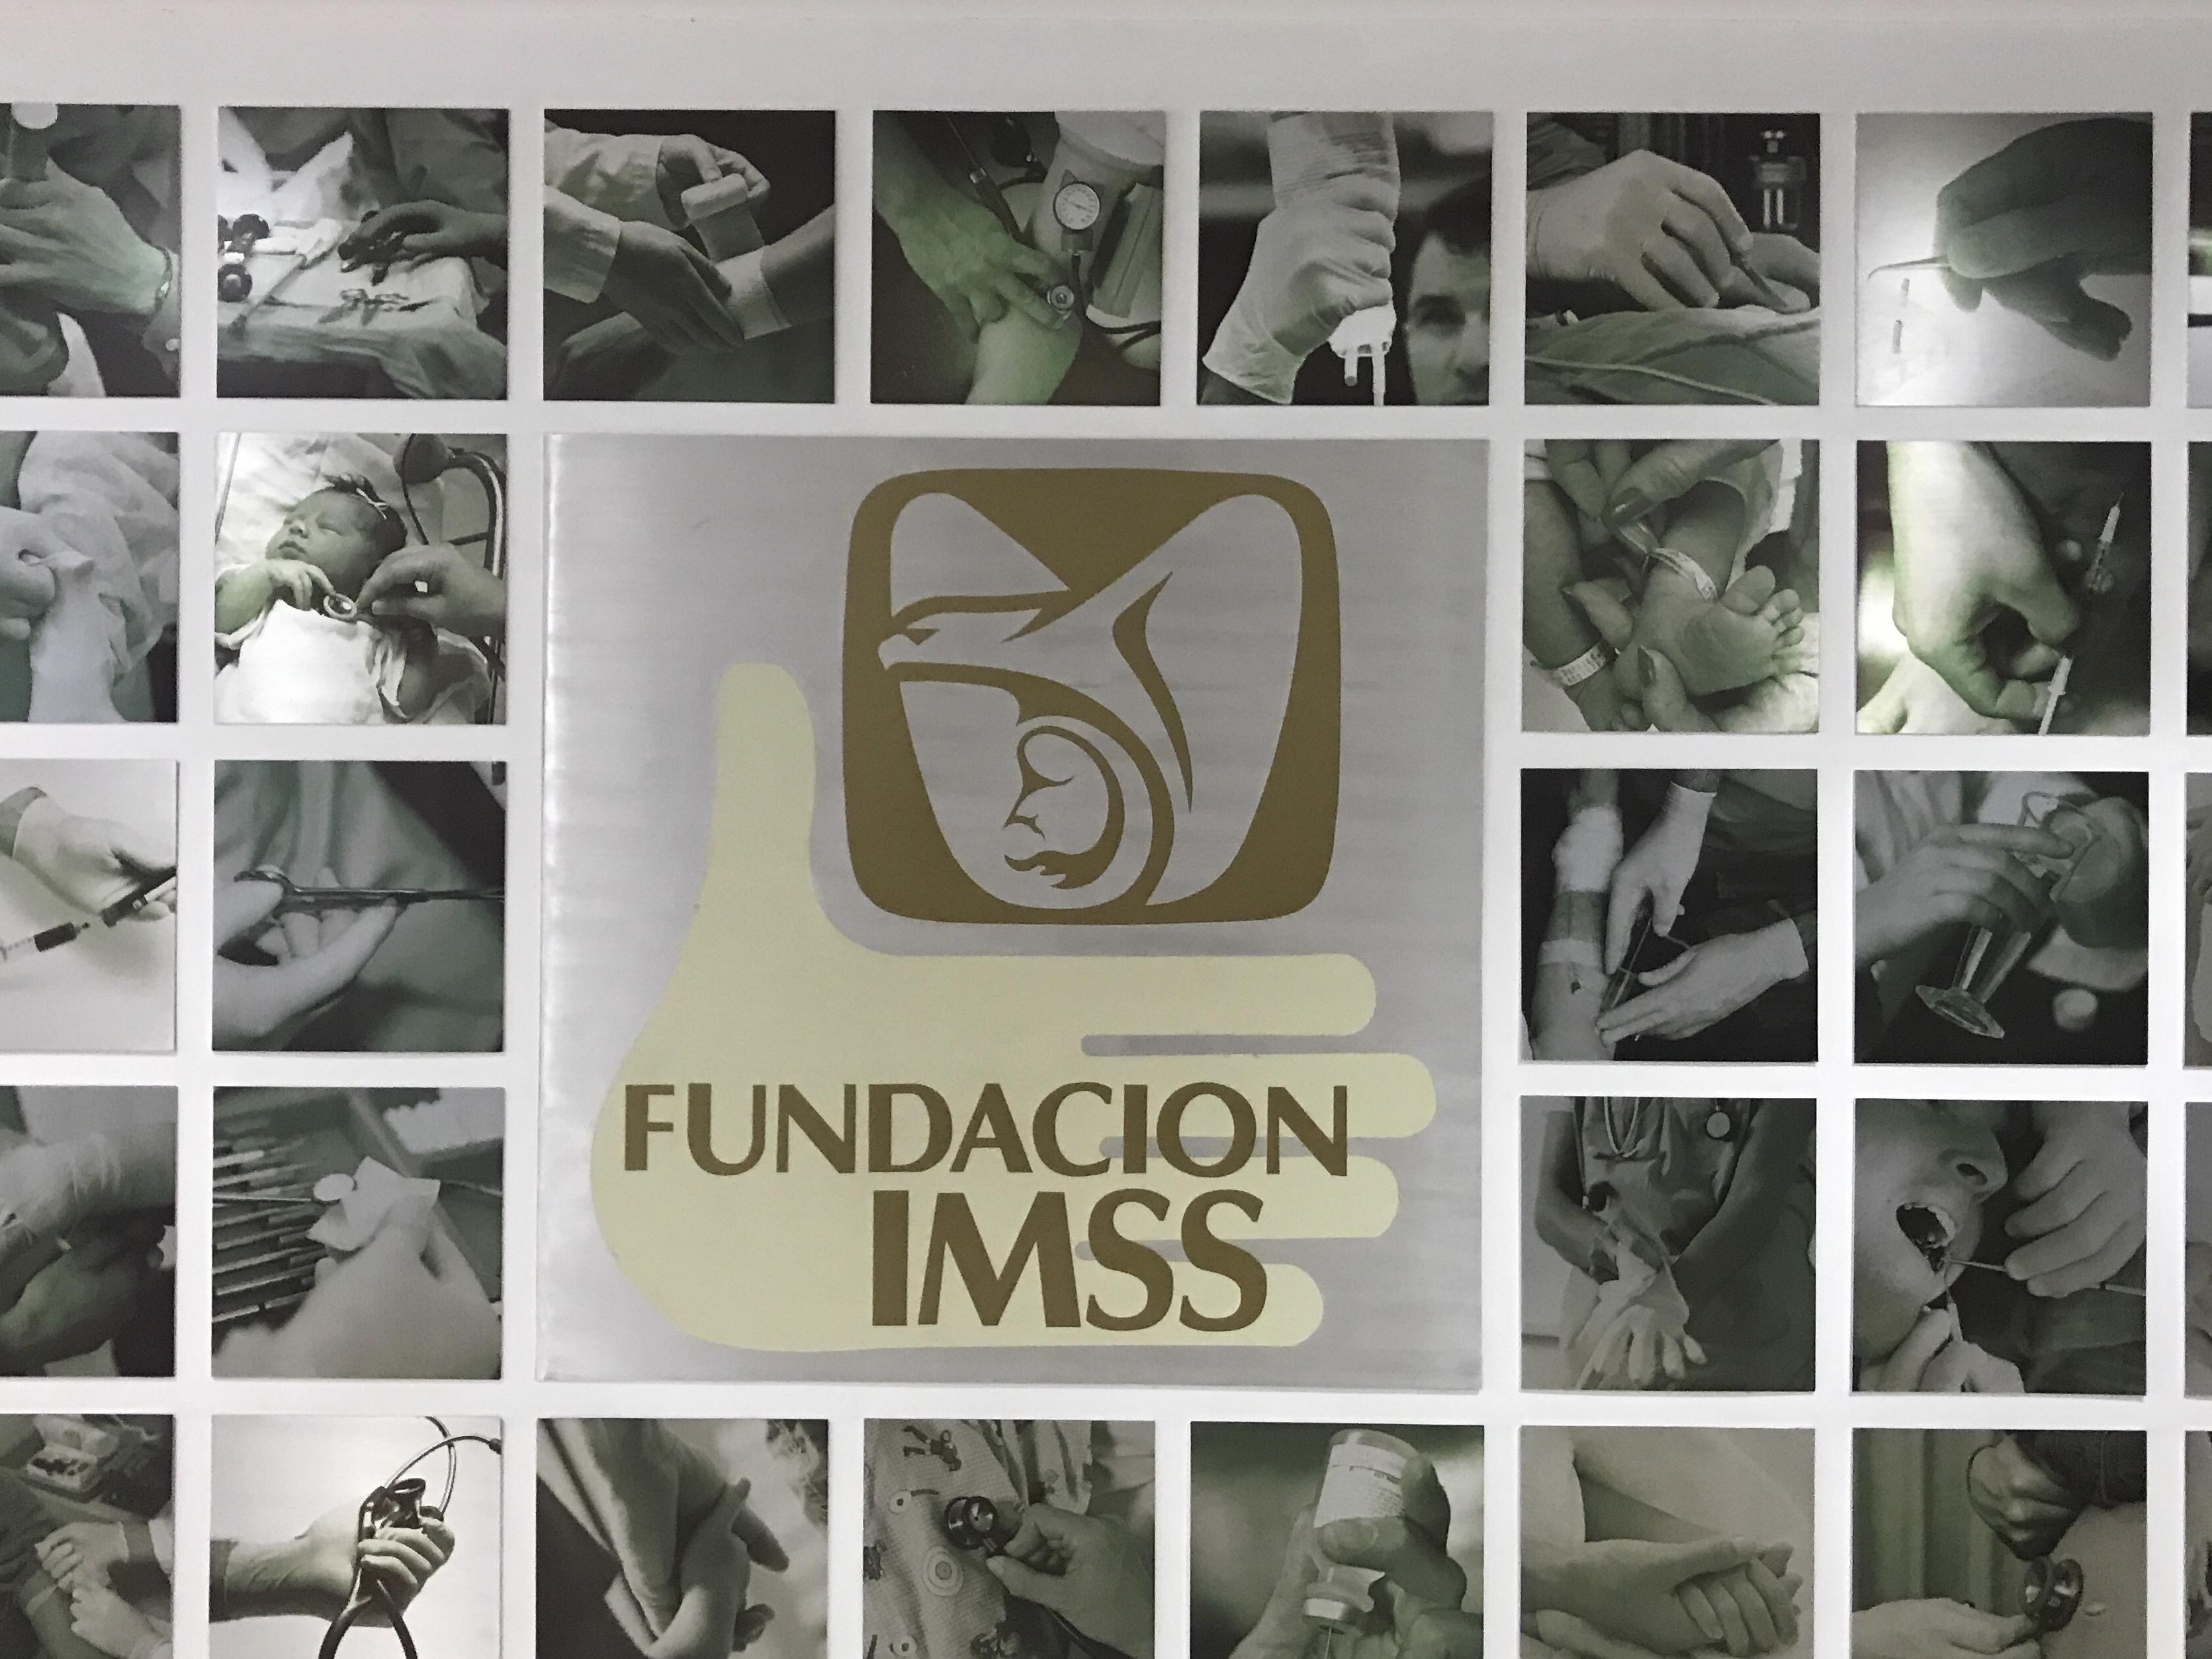 FUNDACION IMSS PROGRAMA SILLASCAMA 2017  Claudia